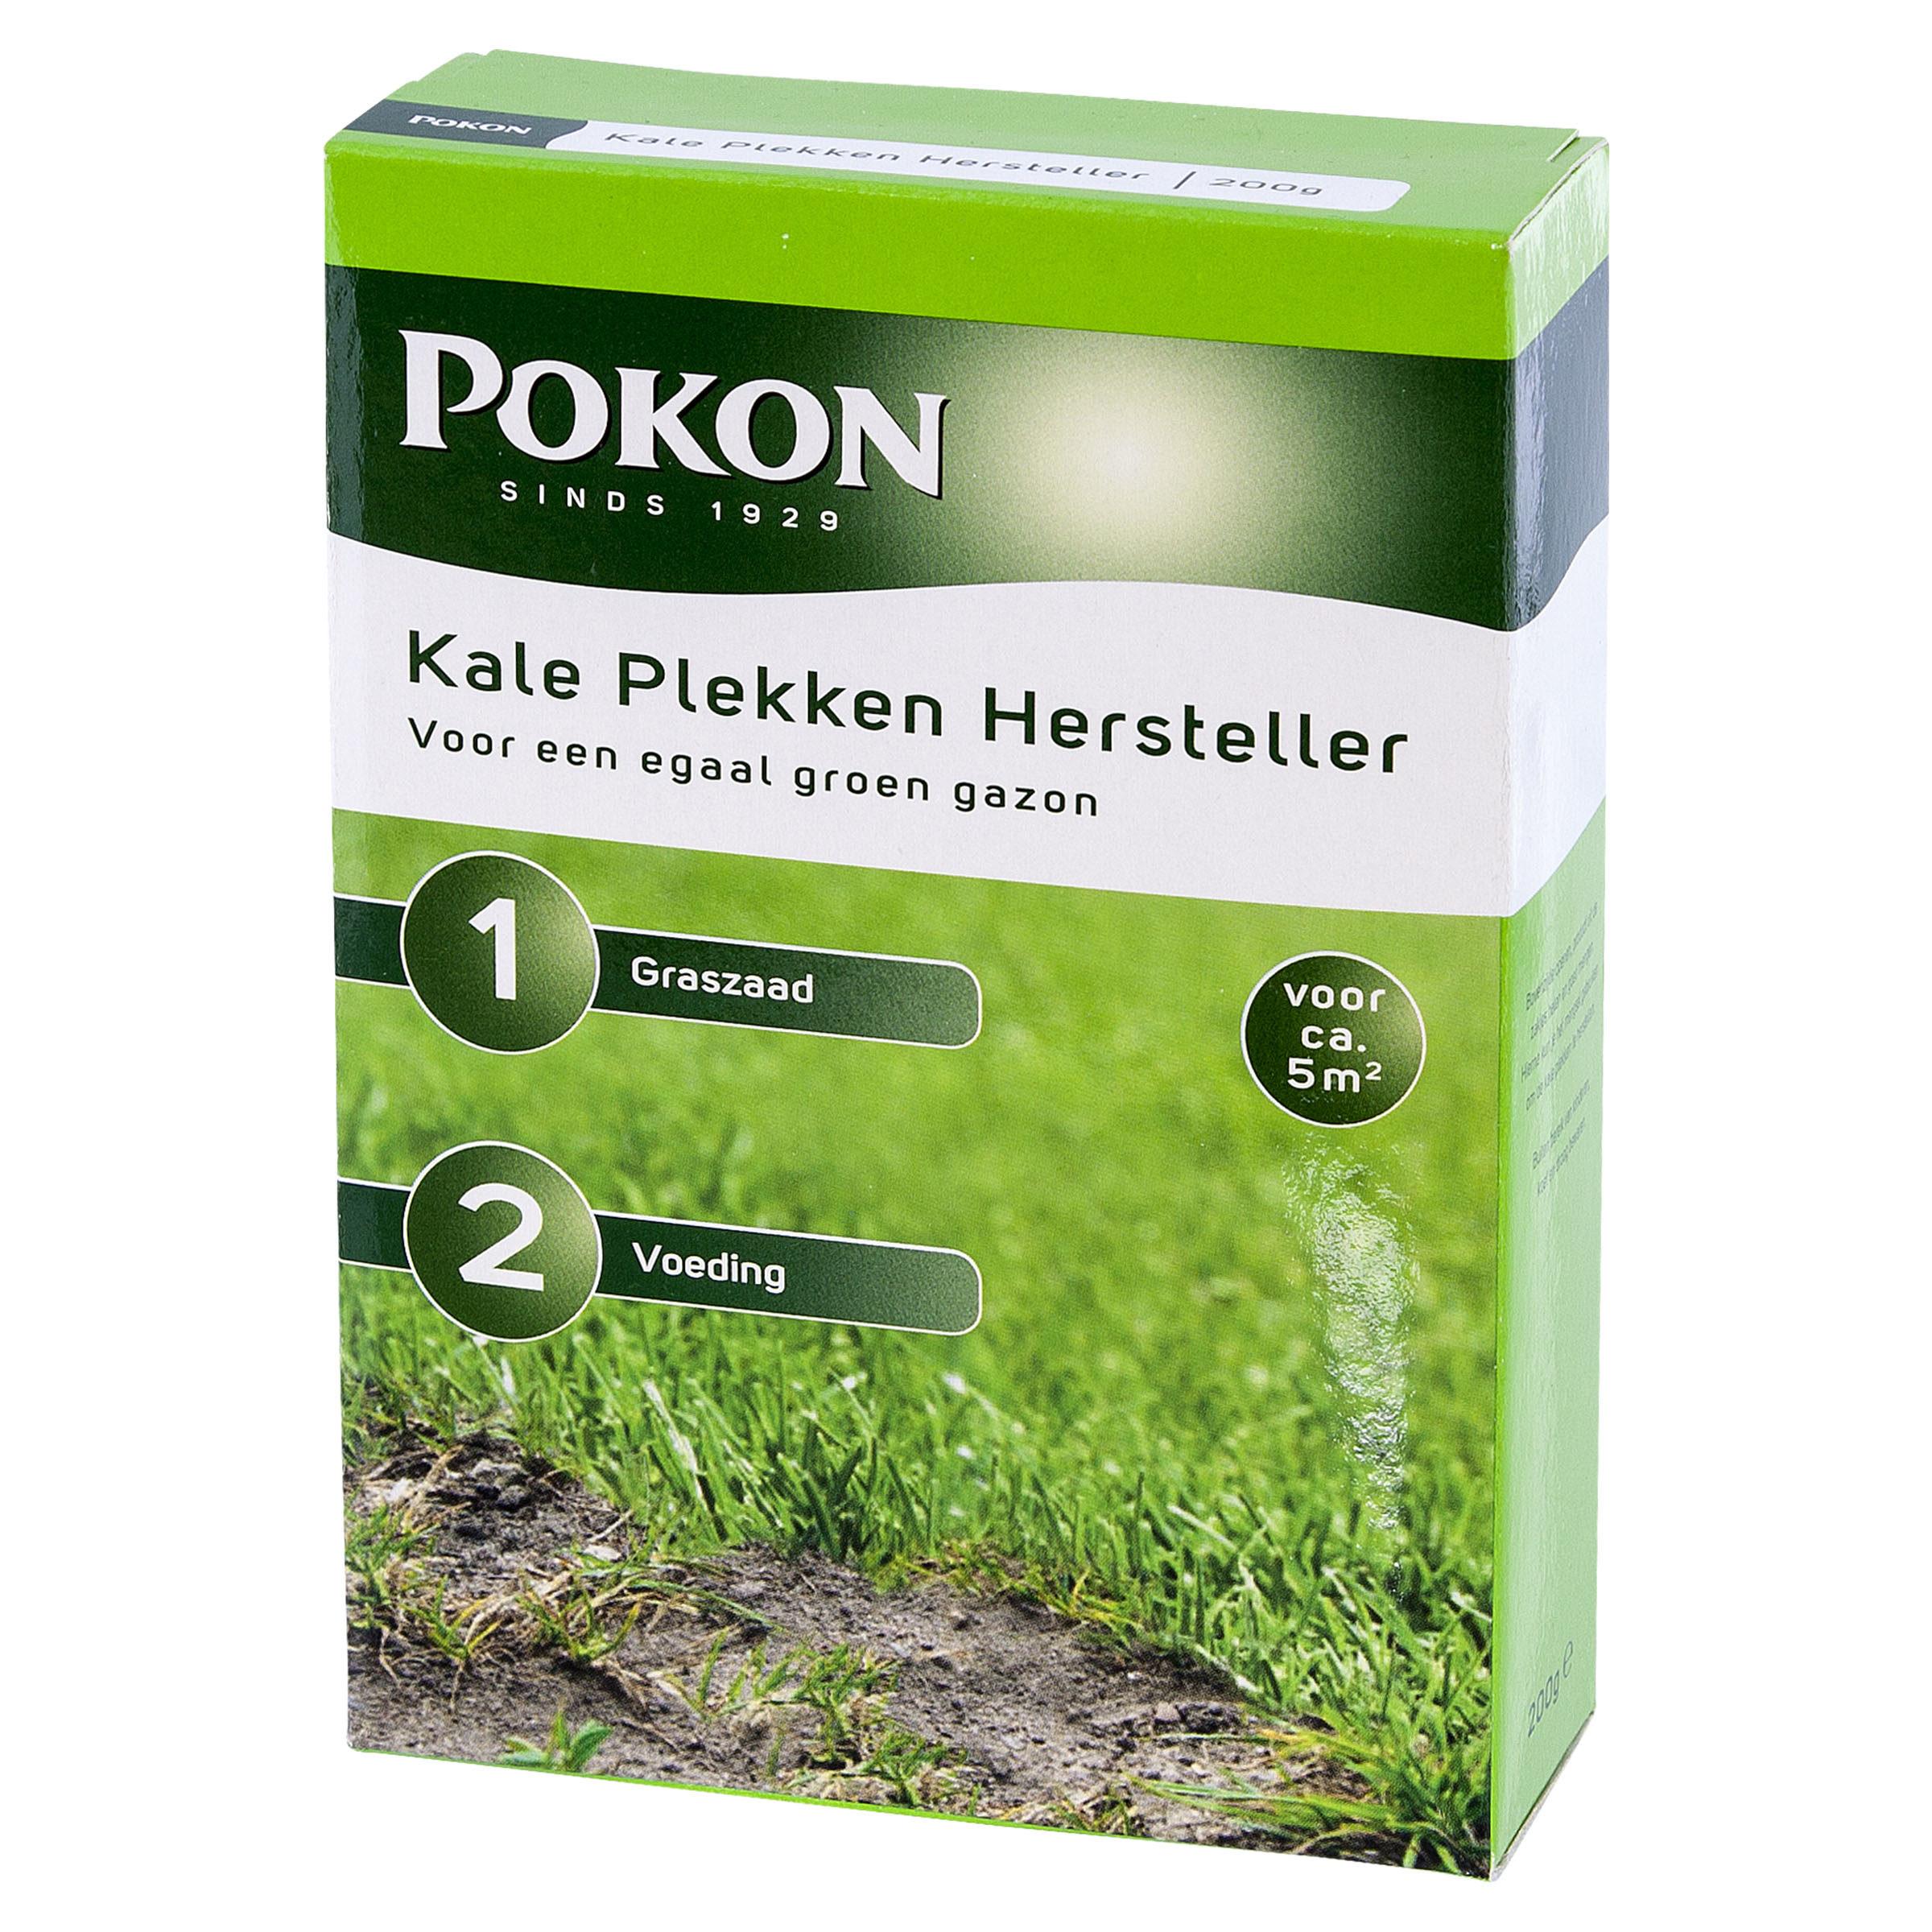 Pokon Kale Plekken Hersteller 200gr rechts